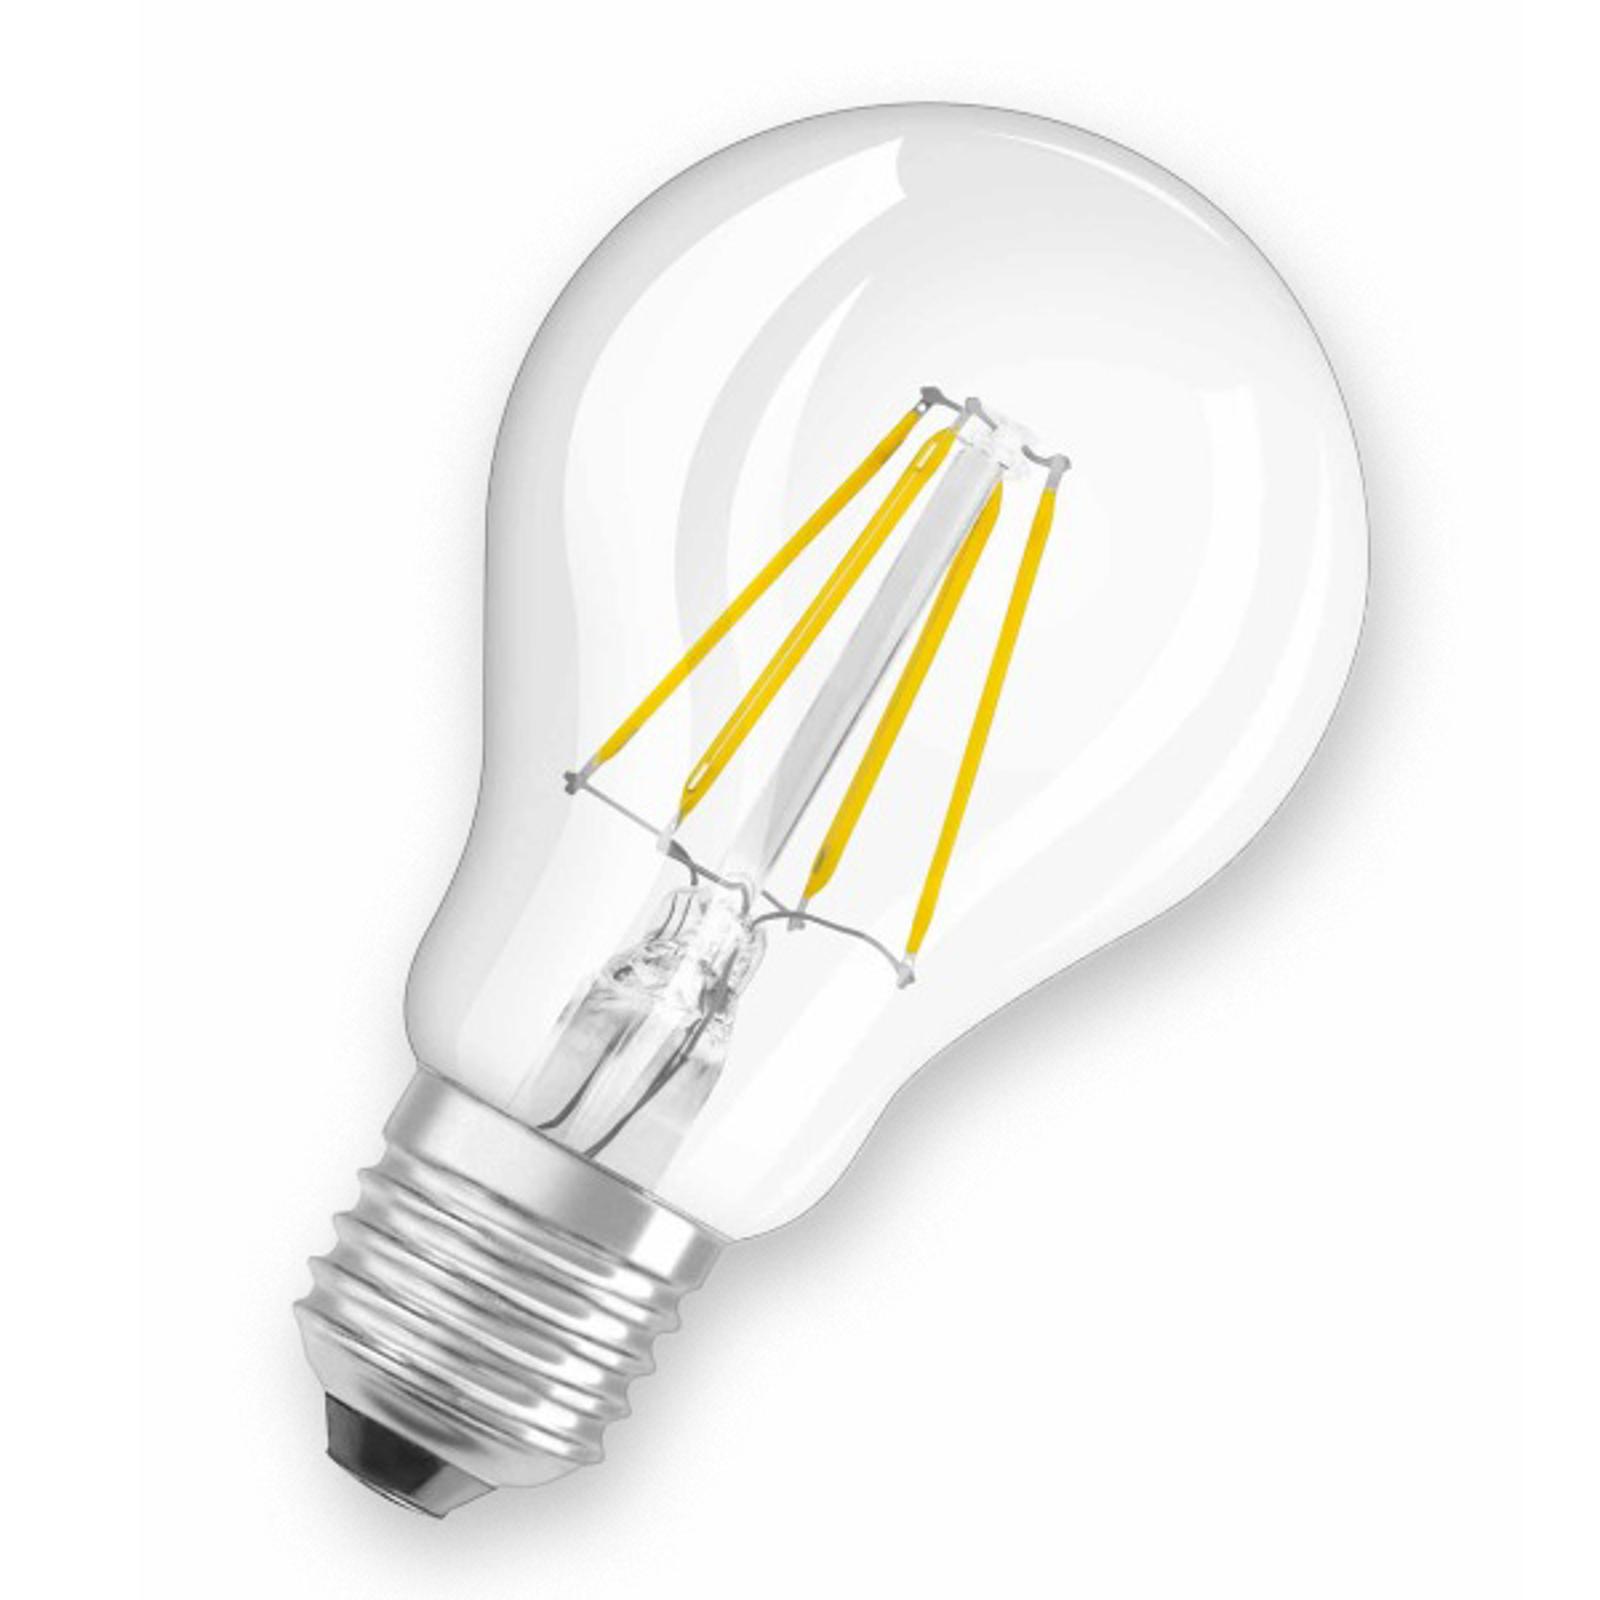 Ampoule LED E27 7W 827, transparente